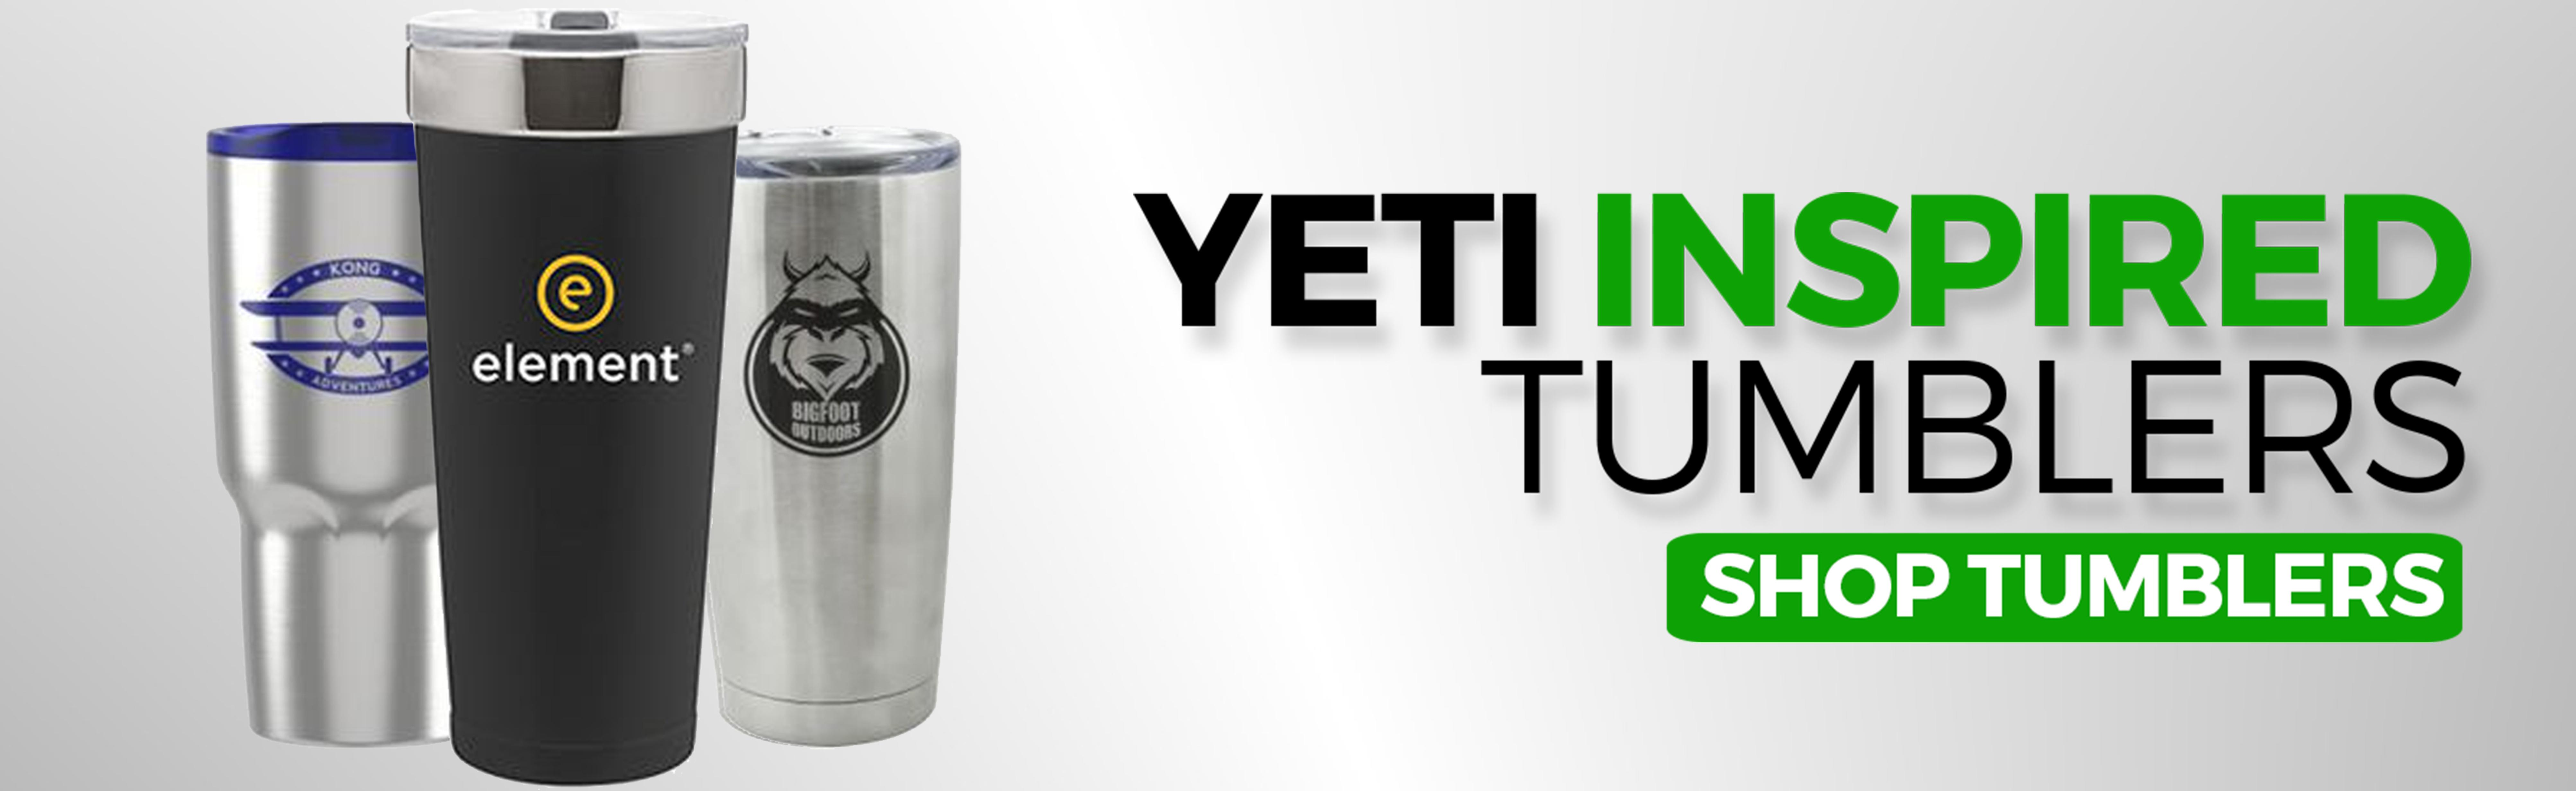 Yeti Inspired Tumblers